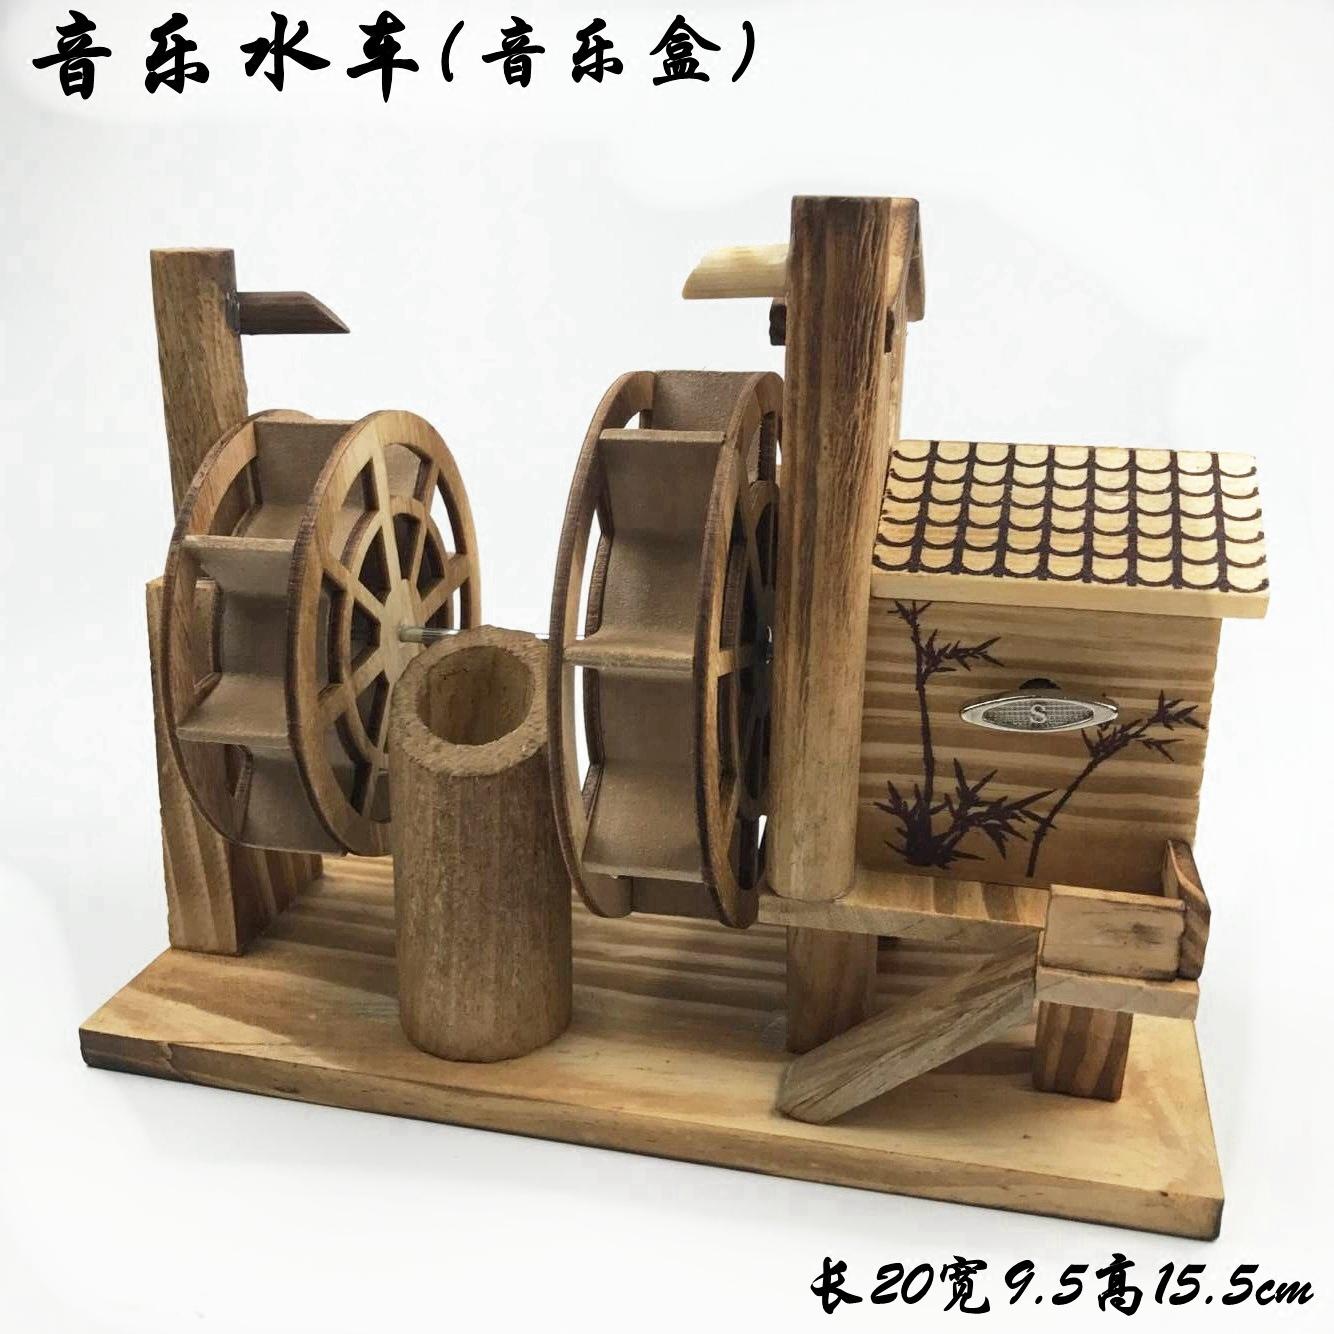 怀旧手工木制摆件生日礼物 花轿 木制工艺品摆件创意复古仿真古井